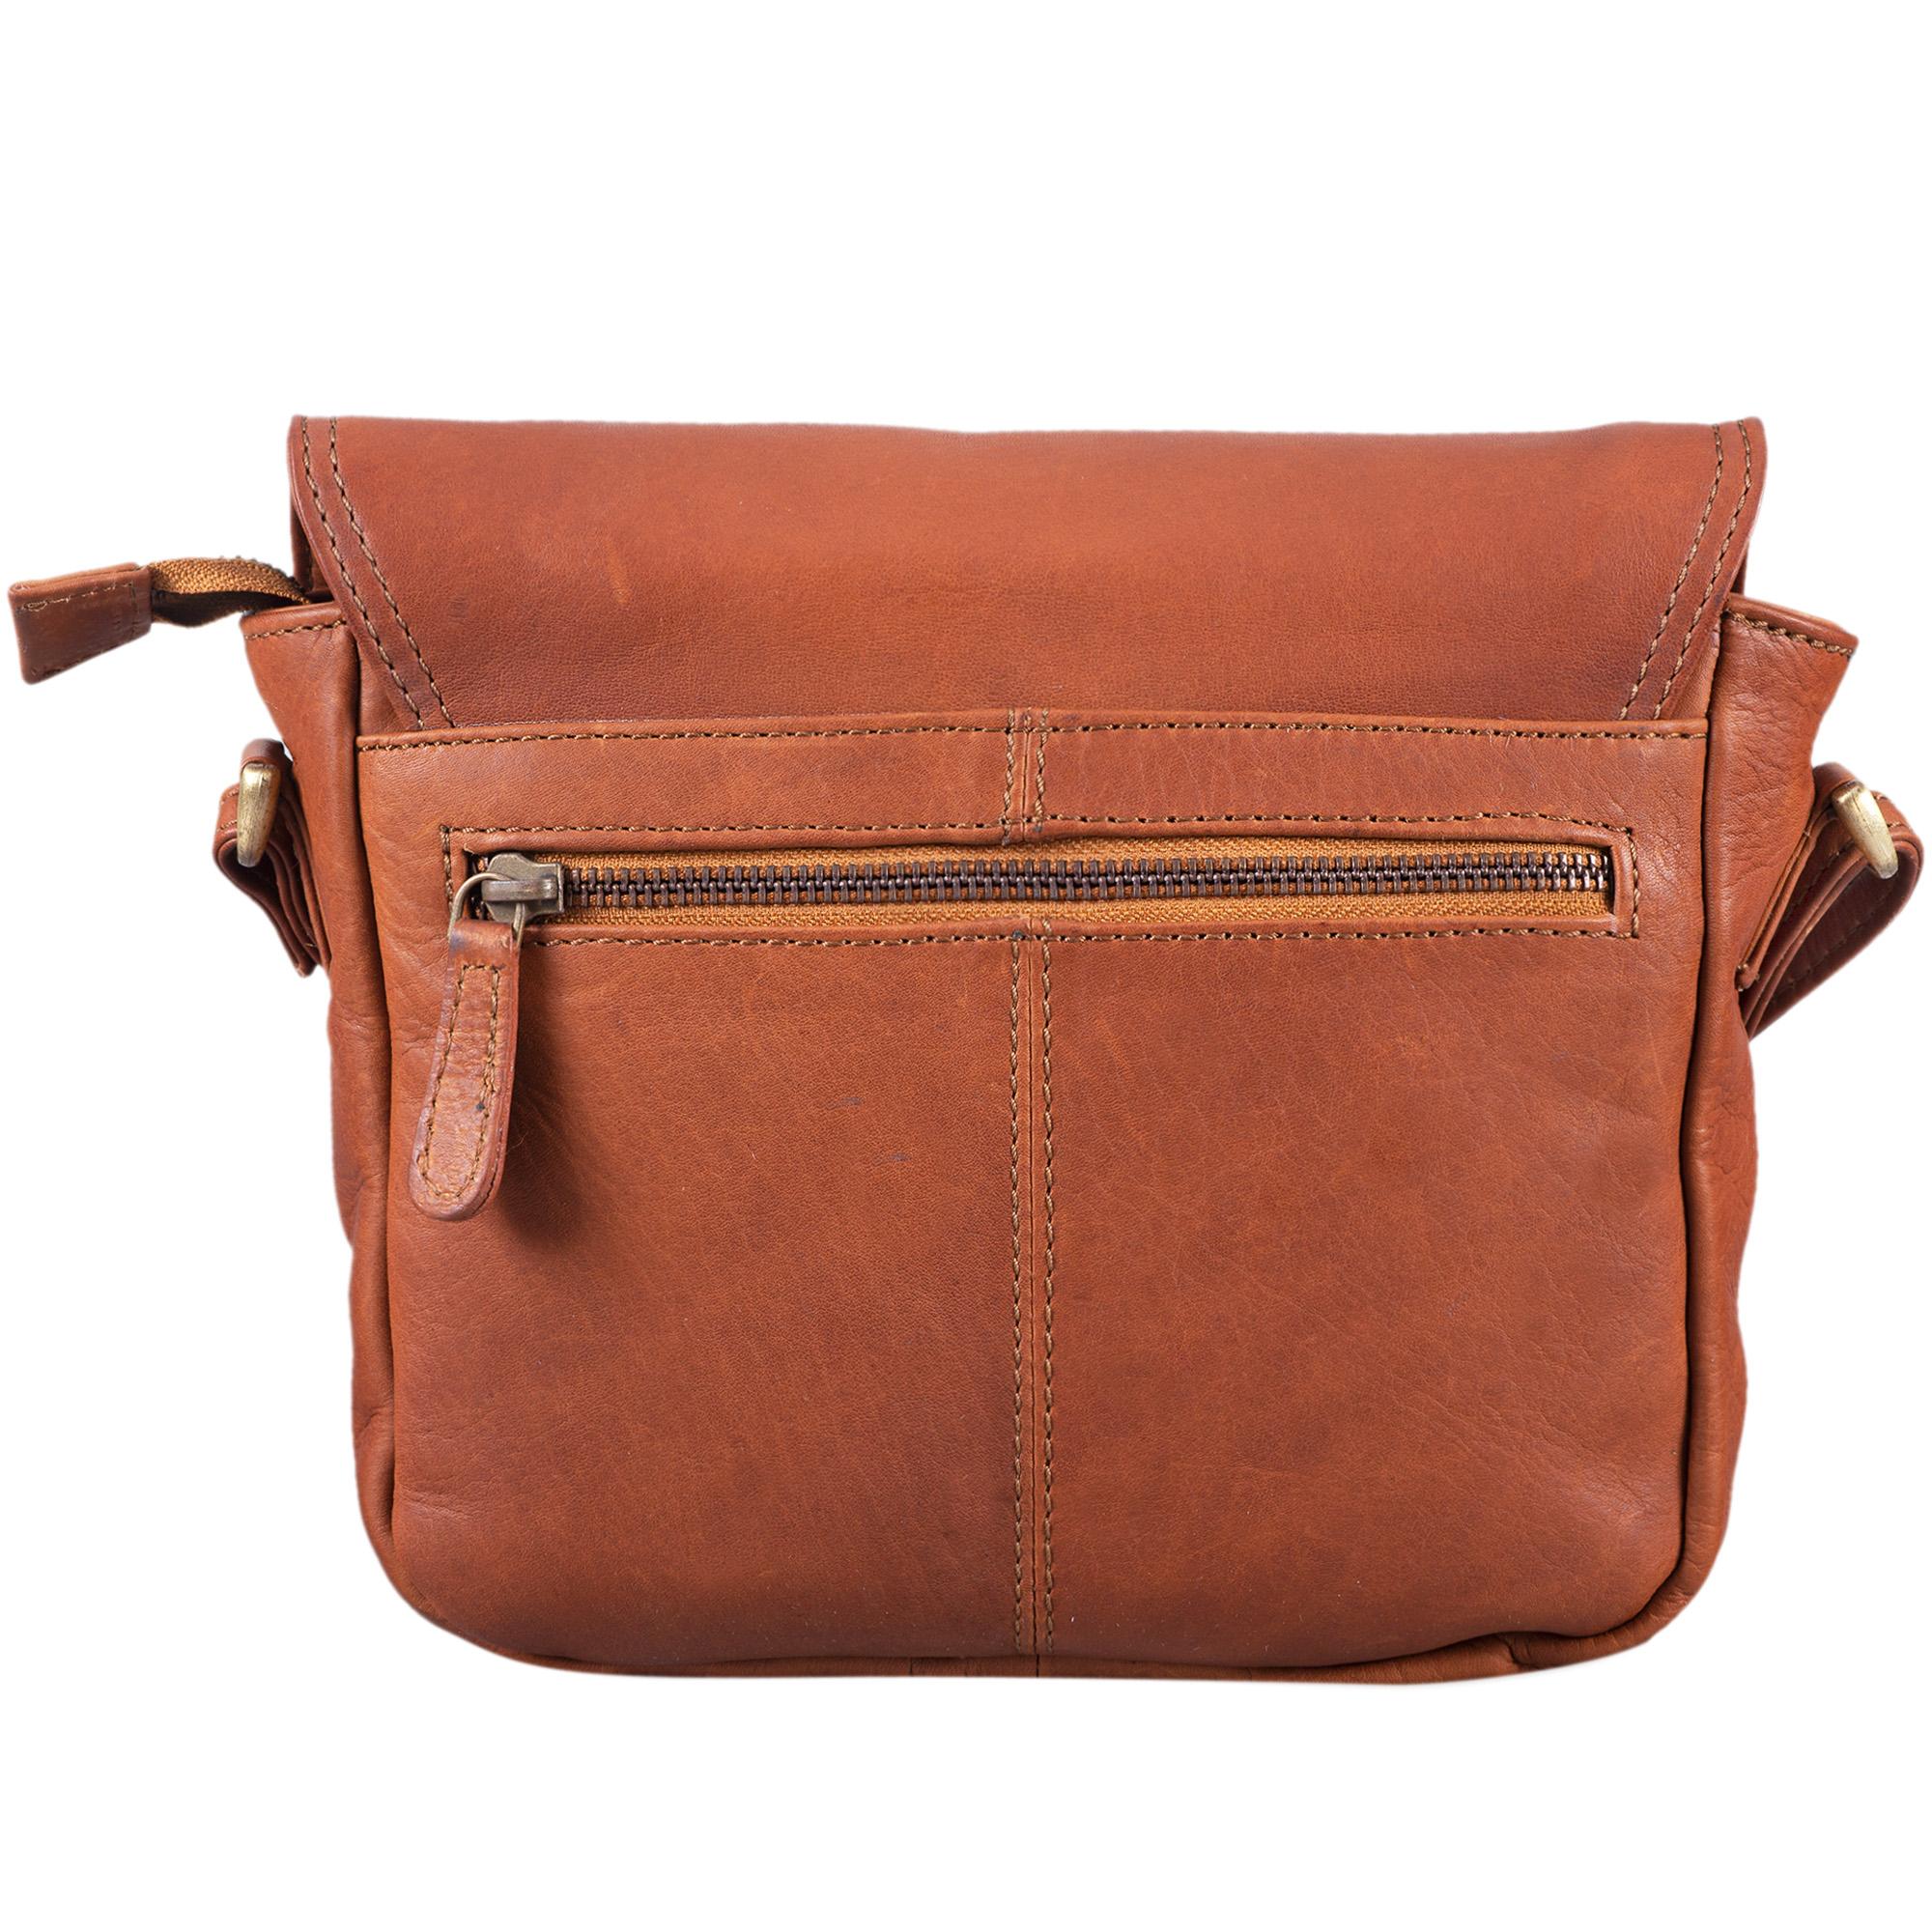 Vintage Damentasche Leder